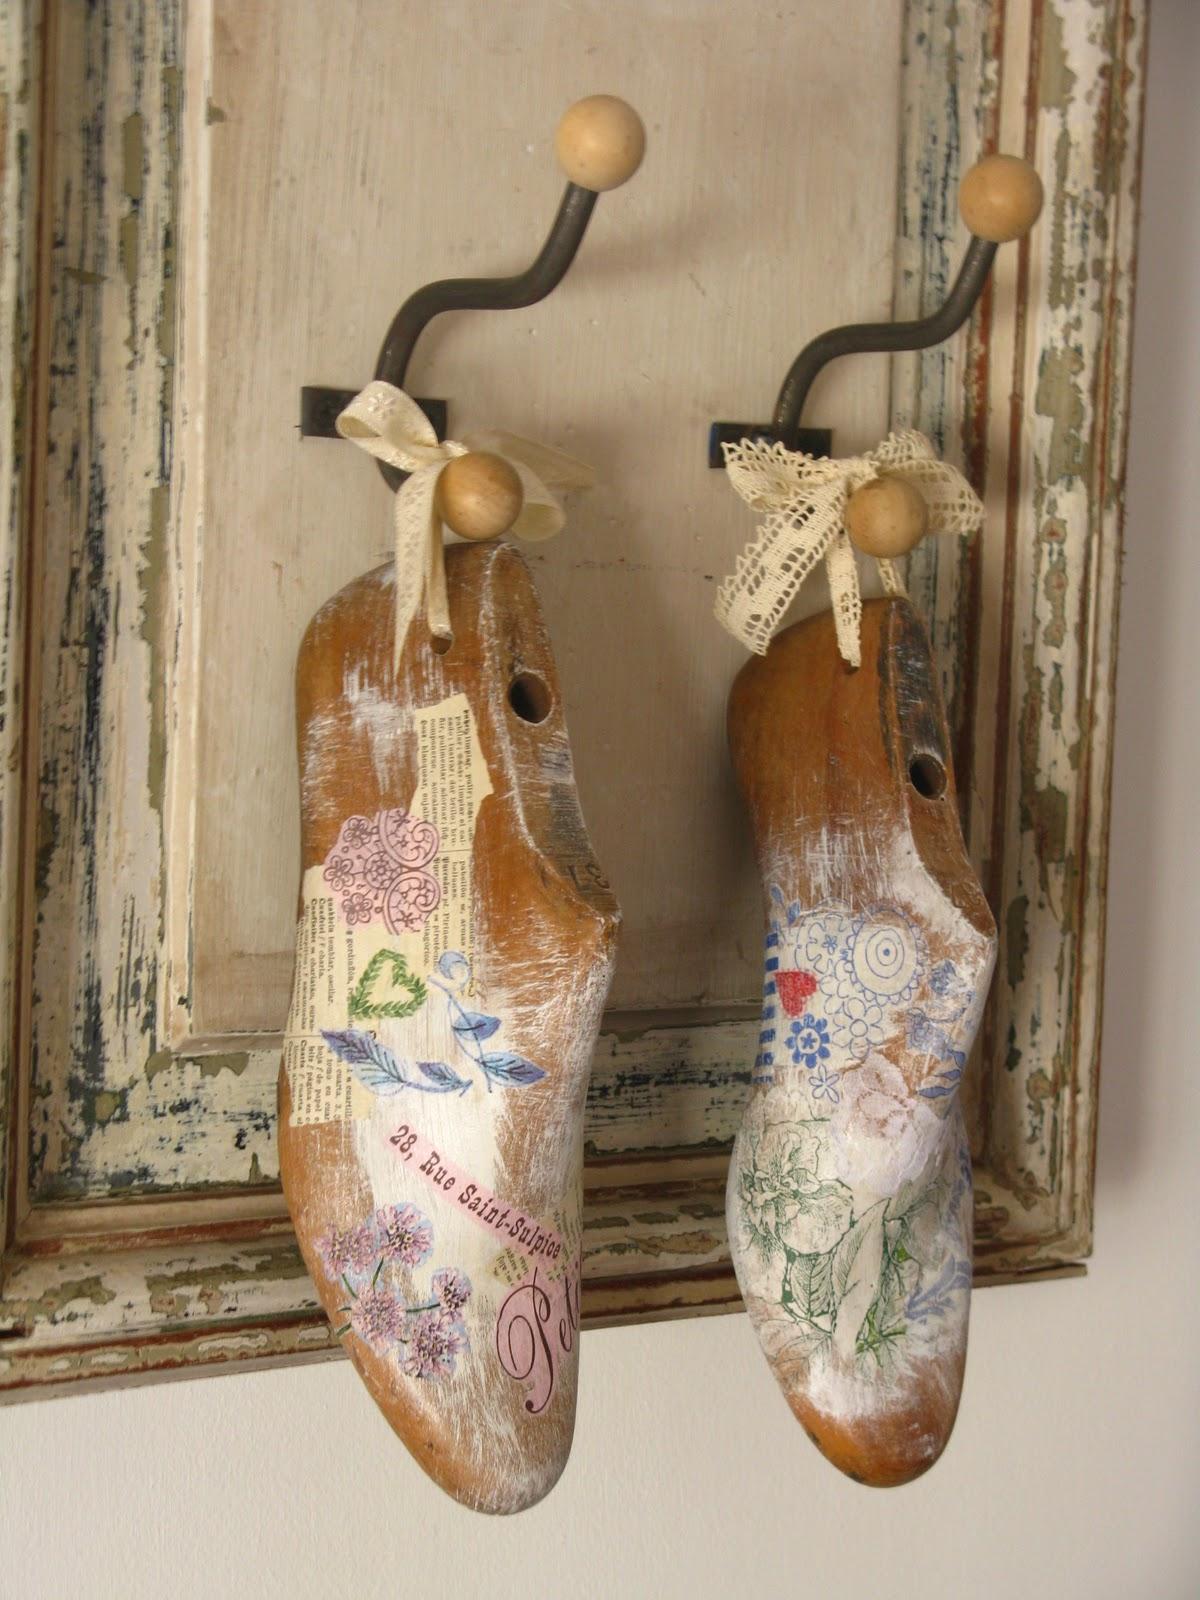 fotos de zapatos antiguos - fotos zapatos | Si tienes fotos antiguas guardadas en una caja de zapatos